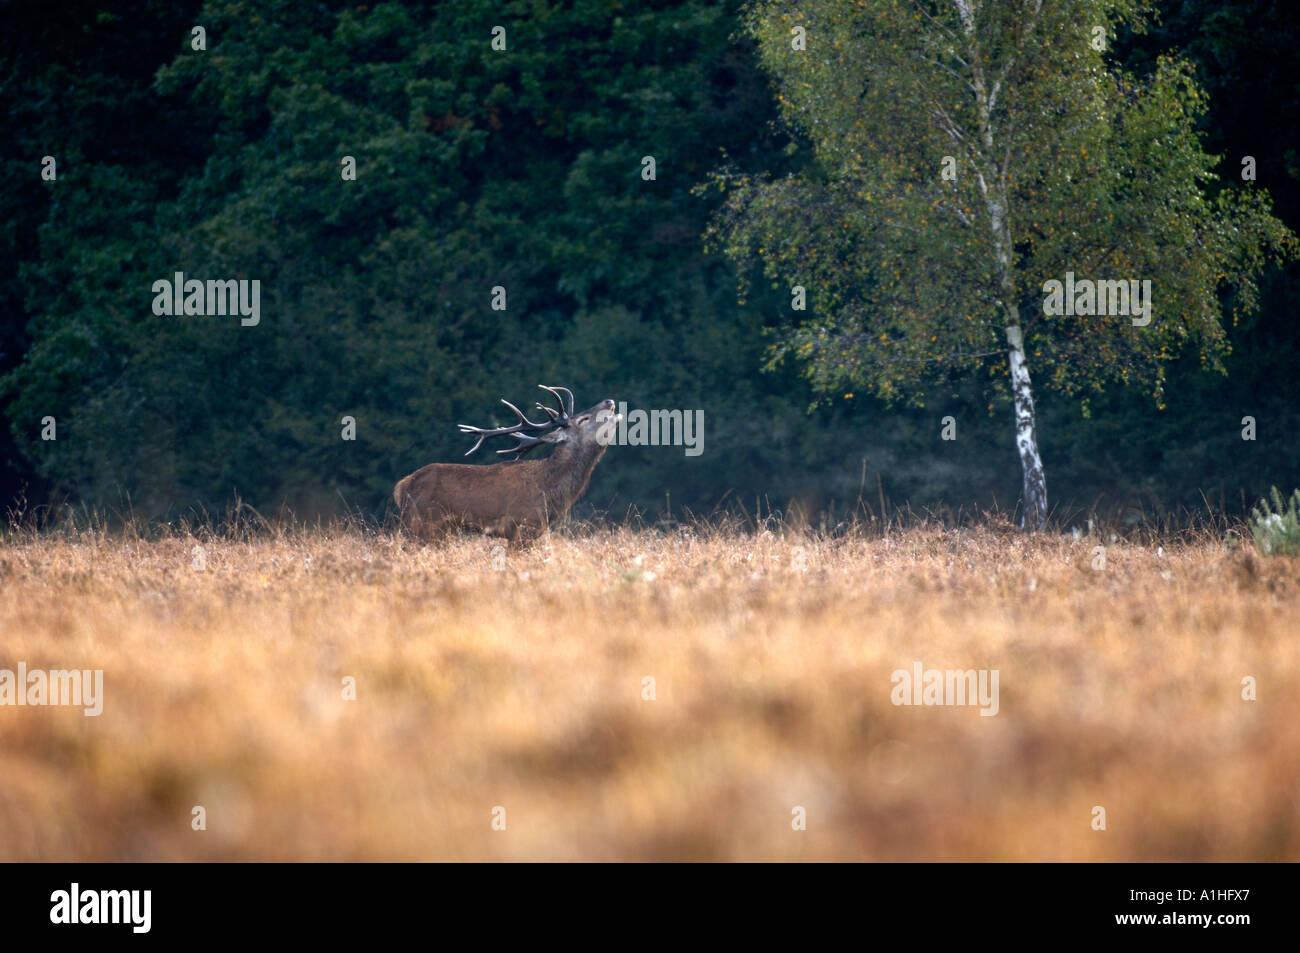 Red Deer Displaying - Stock Image